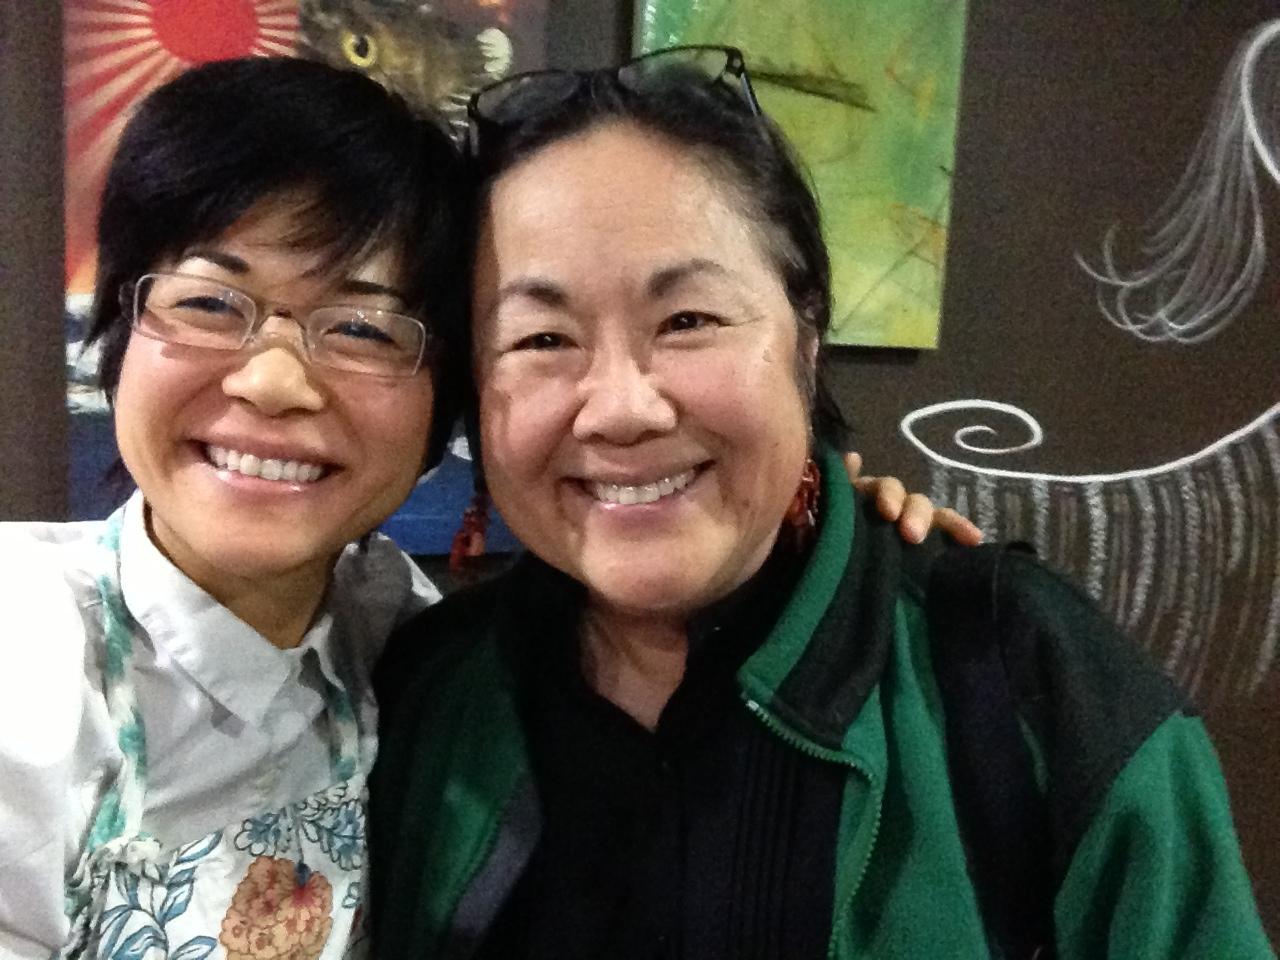 Keiko Agena & Emily Kuroda